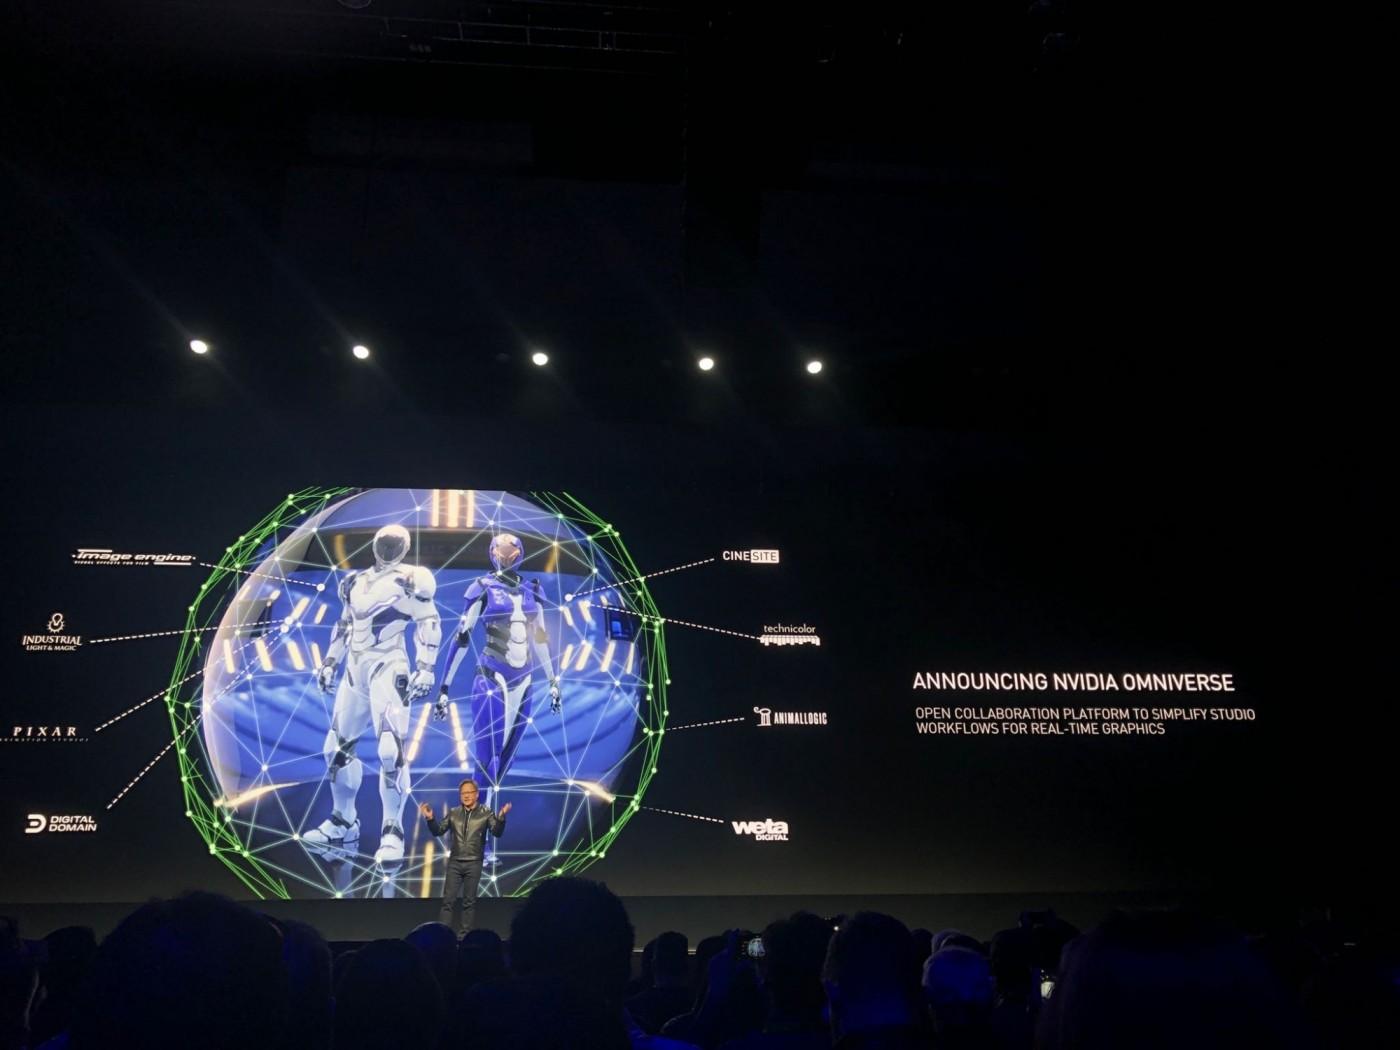 從黃仁勳在GTC上提及超過30次的技術,看NVIDIA的遠見與堅持